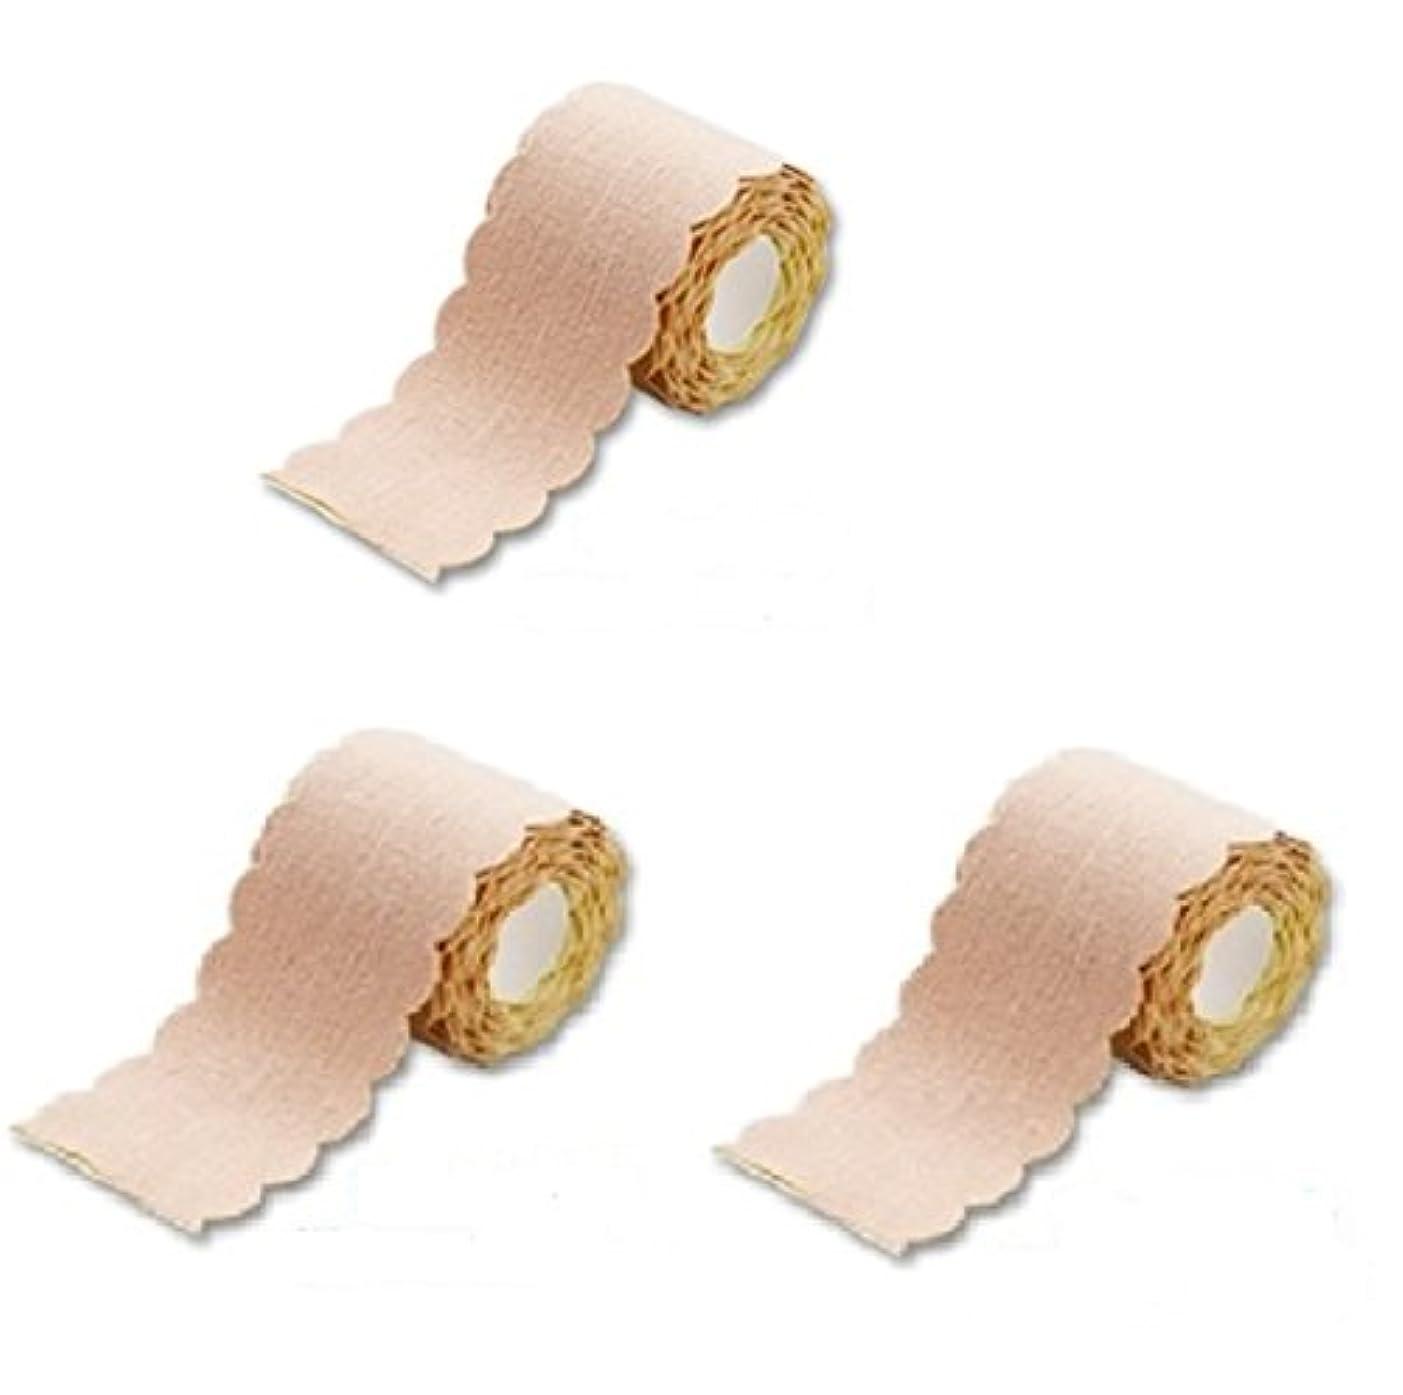 盲信牧師話す直接貼るからズレない汗シート! 汗取りパッド ワキに直接貼る汗とりシート ロールタイプ 3m×3個セット (たっぷり9m 特別お得セット)まとめ割 脇汗ジミ わき汗 対策